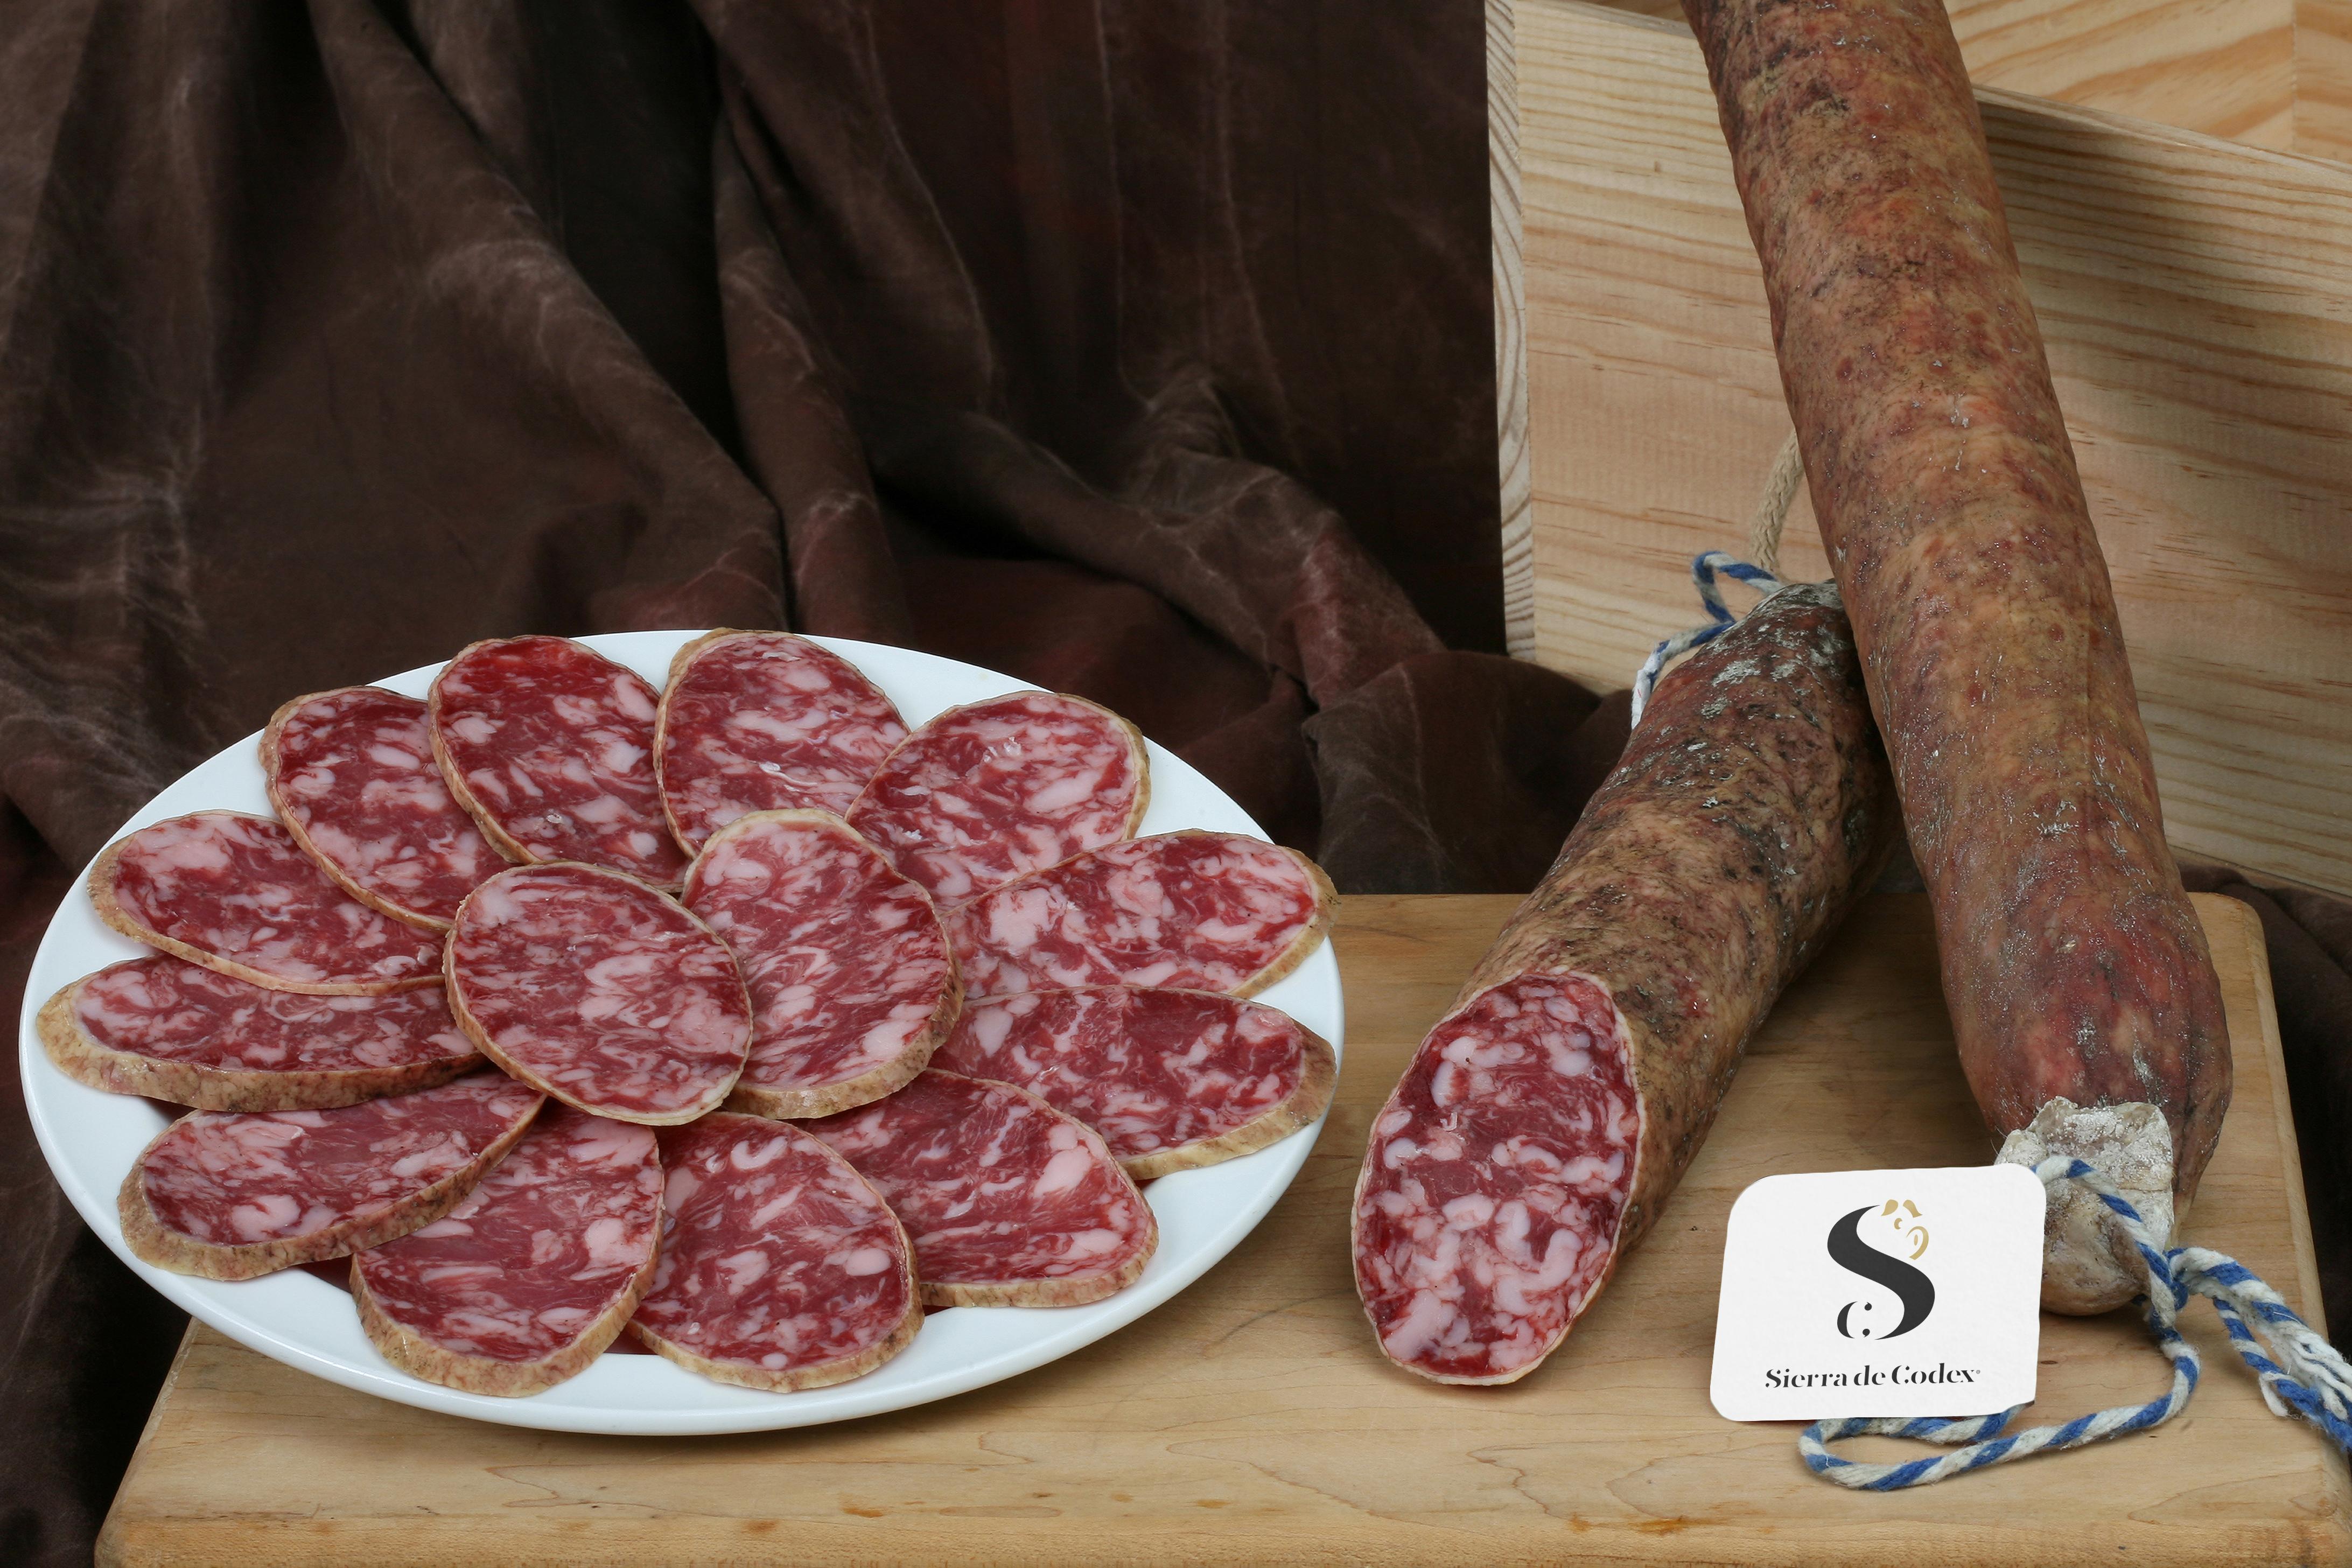 salchichon-de-cebo-iberico-sierra-de-codex-etiqueta-nueva